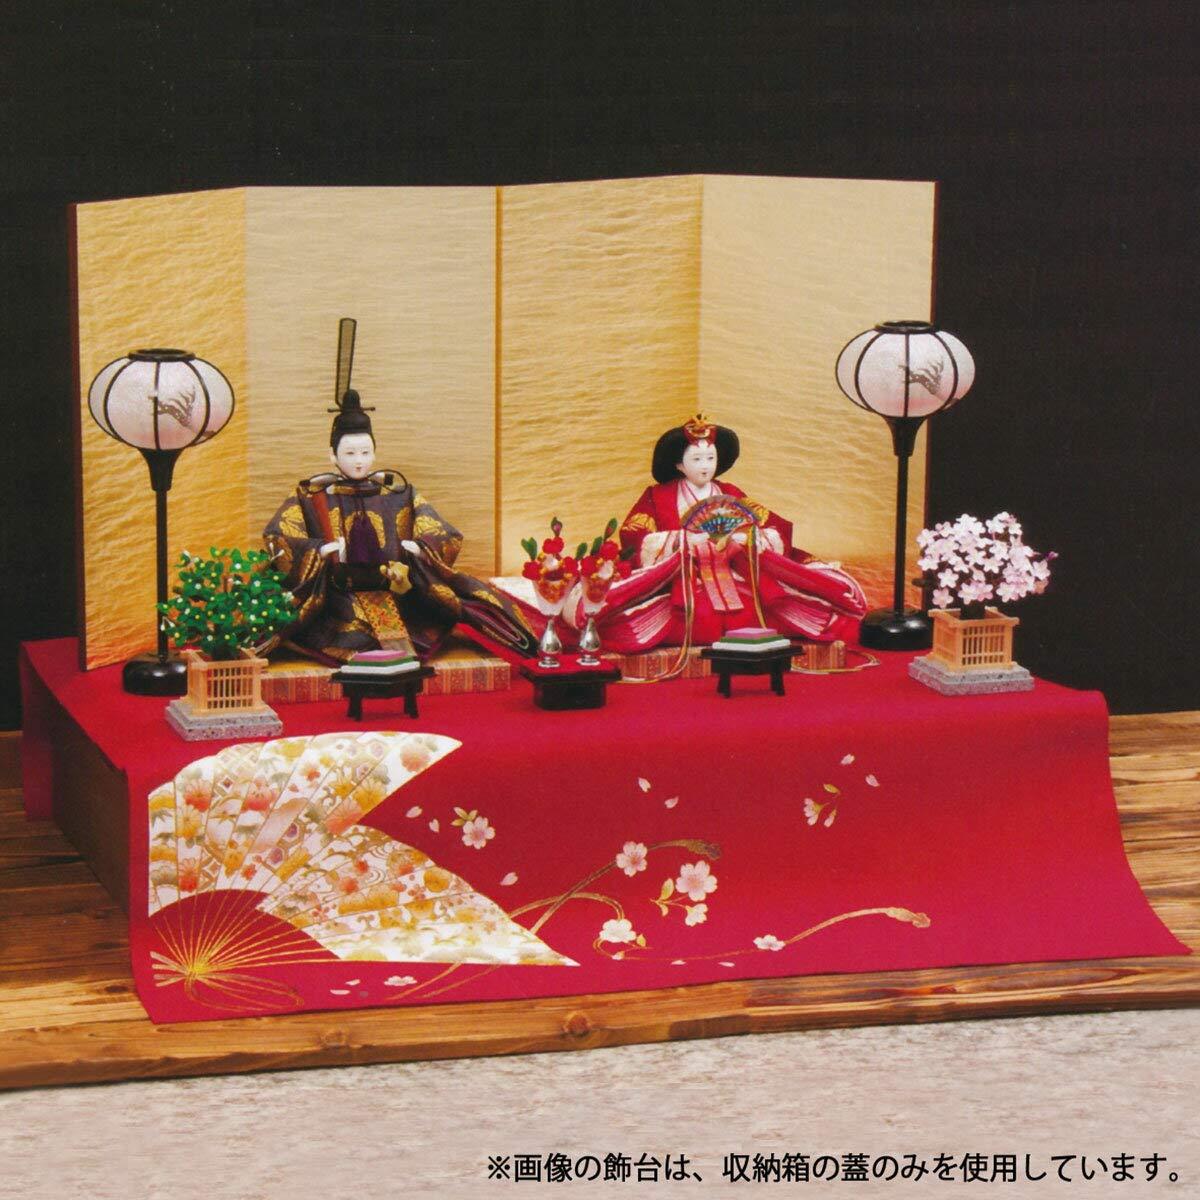 雛人形 みずほ 京十番親王揃 収納飾り ひな人形 収納飾り 平安豊久 HNH-304934 HD-061   B07KCZQDJC